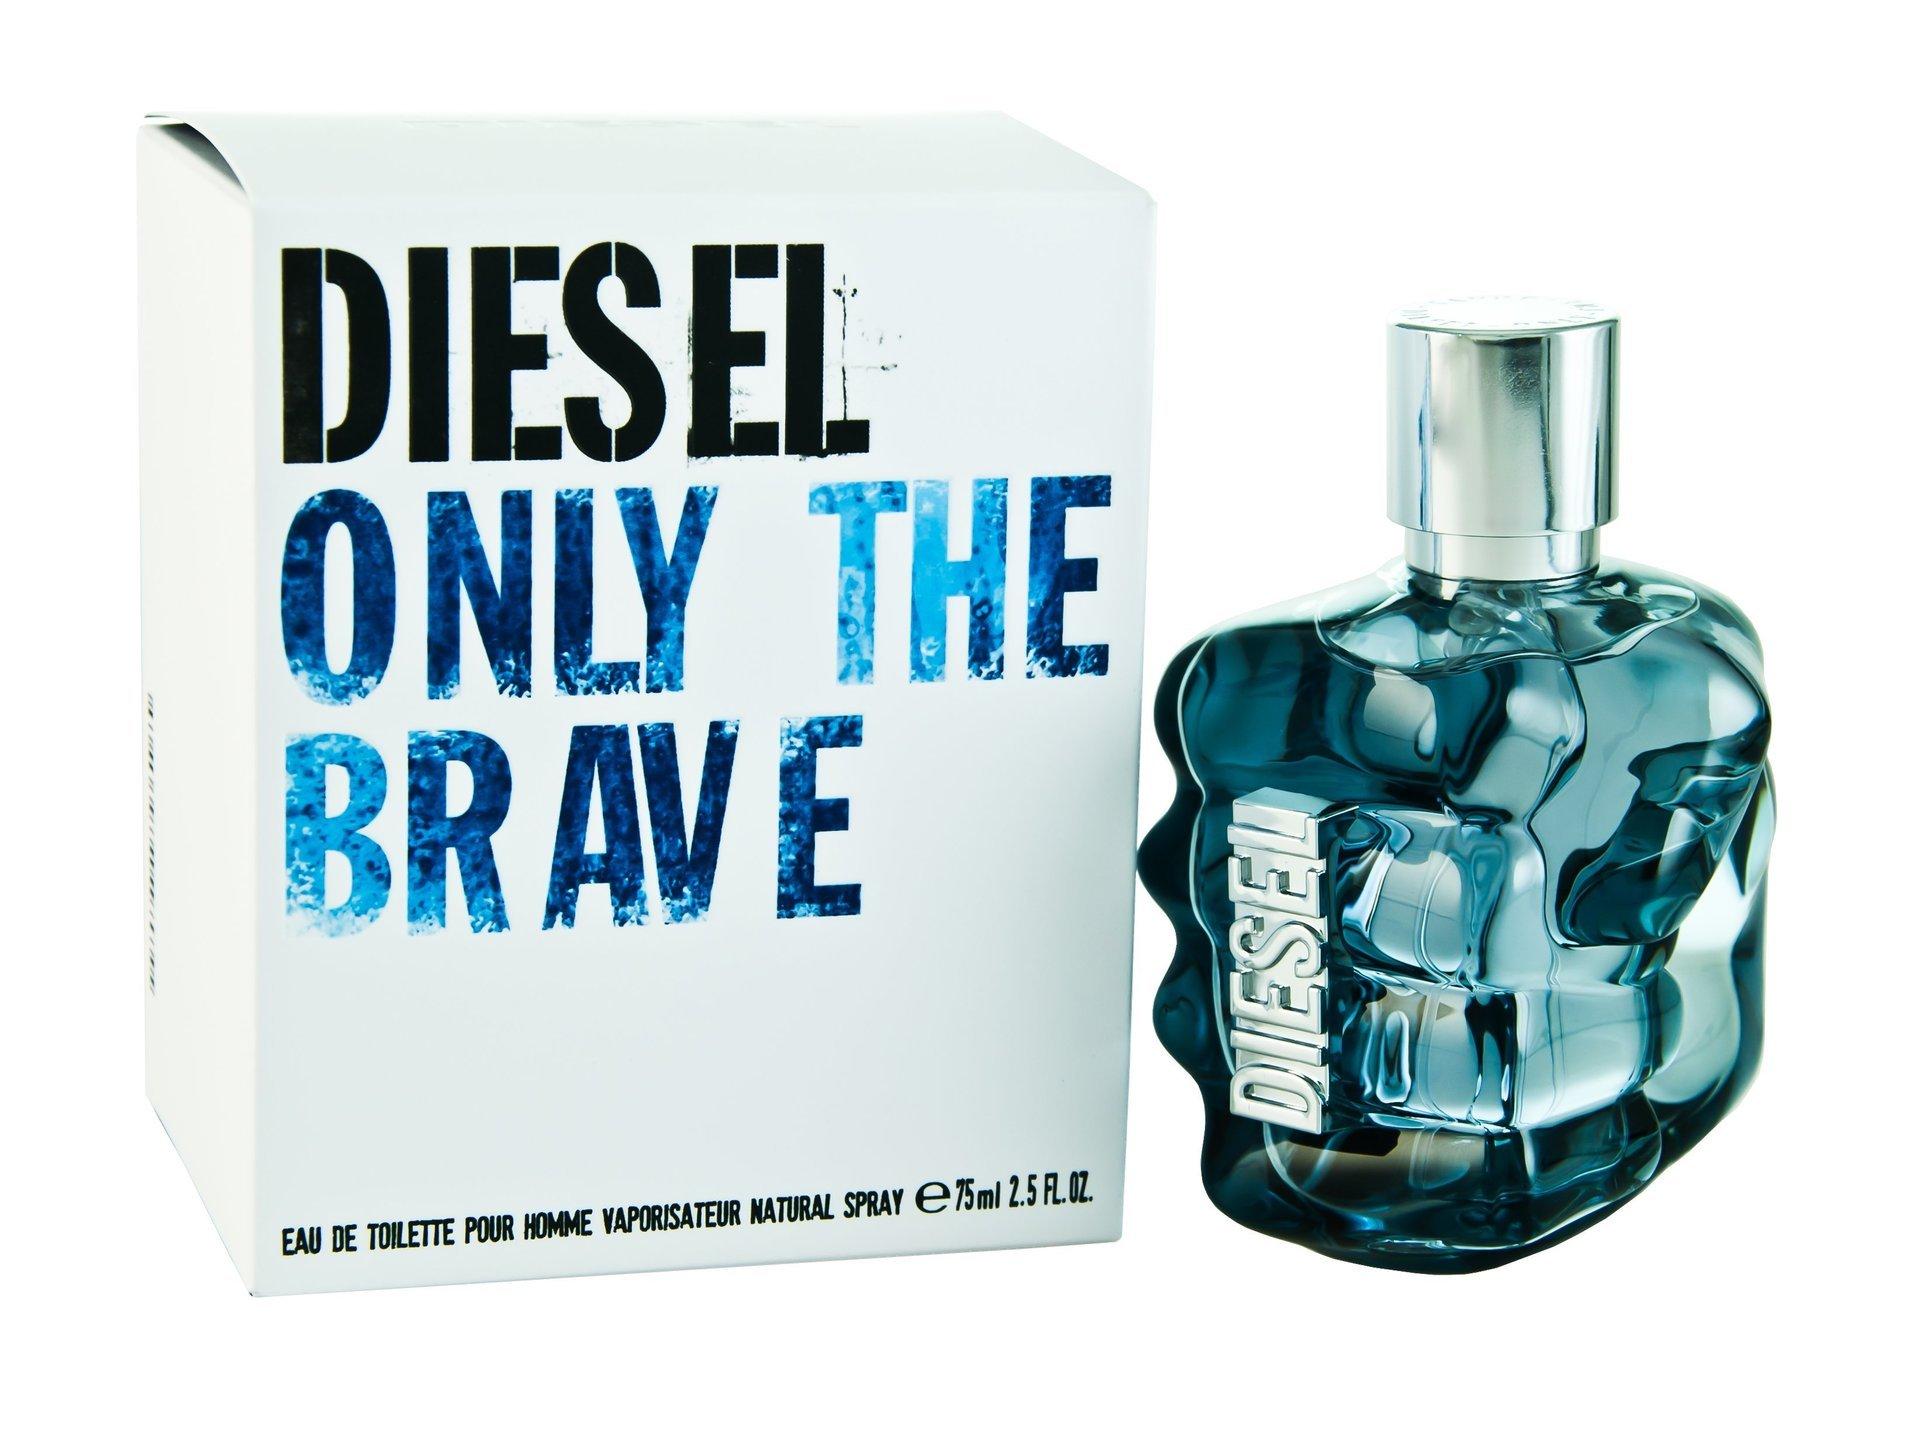 Diesel Only The Brave Edt 75ml Spr